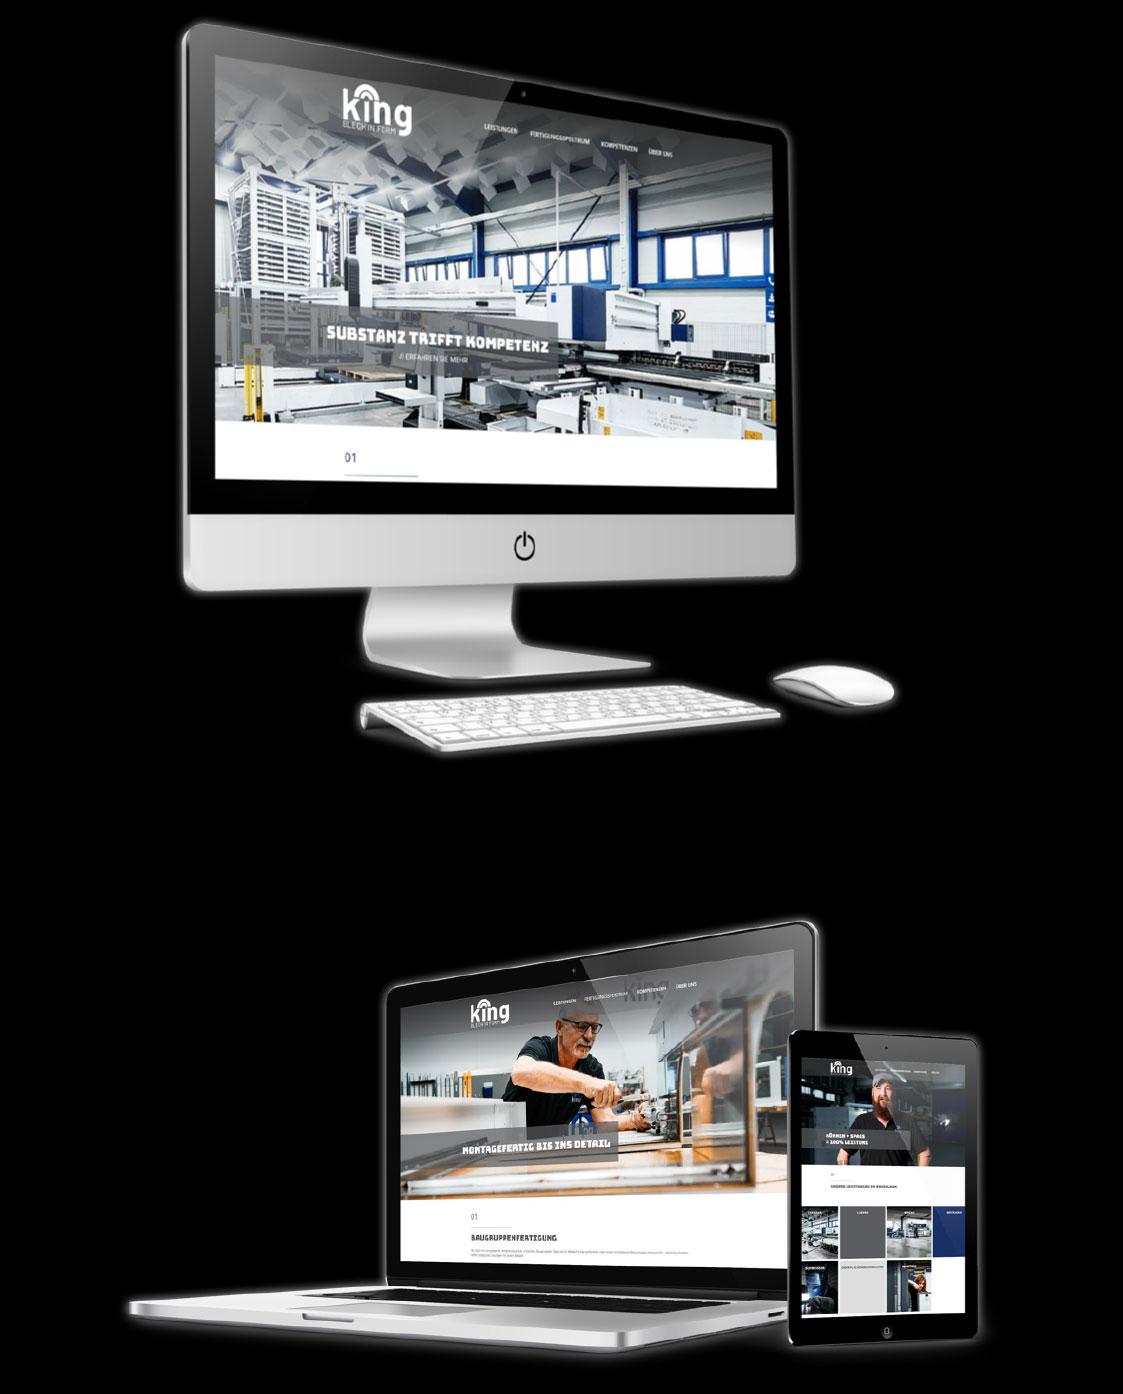 Drei Bildschirme auf denen die Webseite von King abgebildet ist